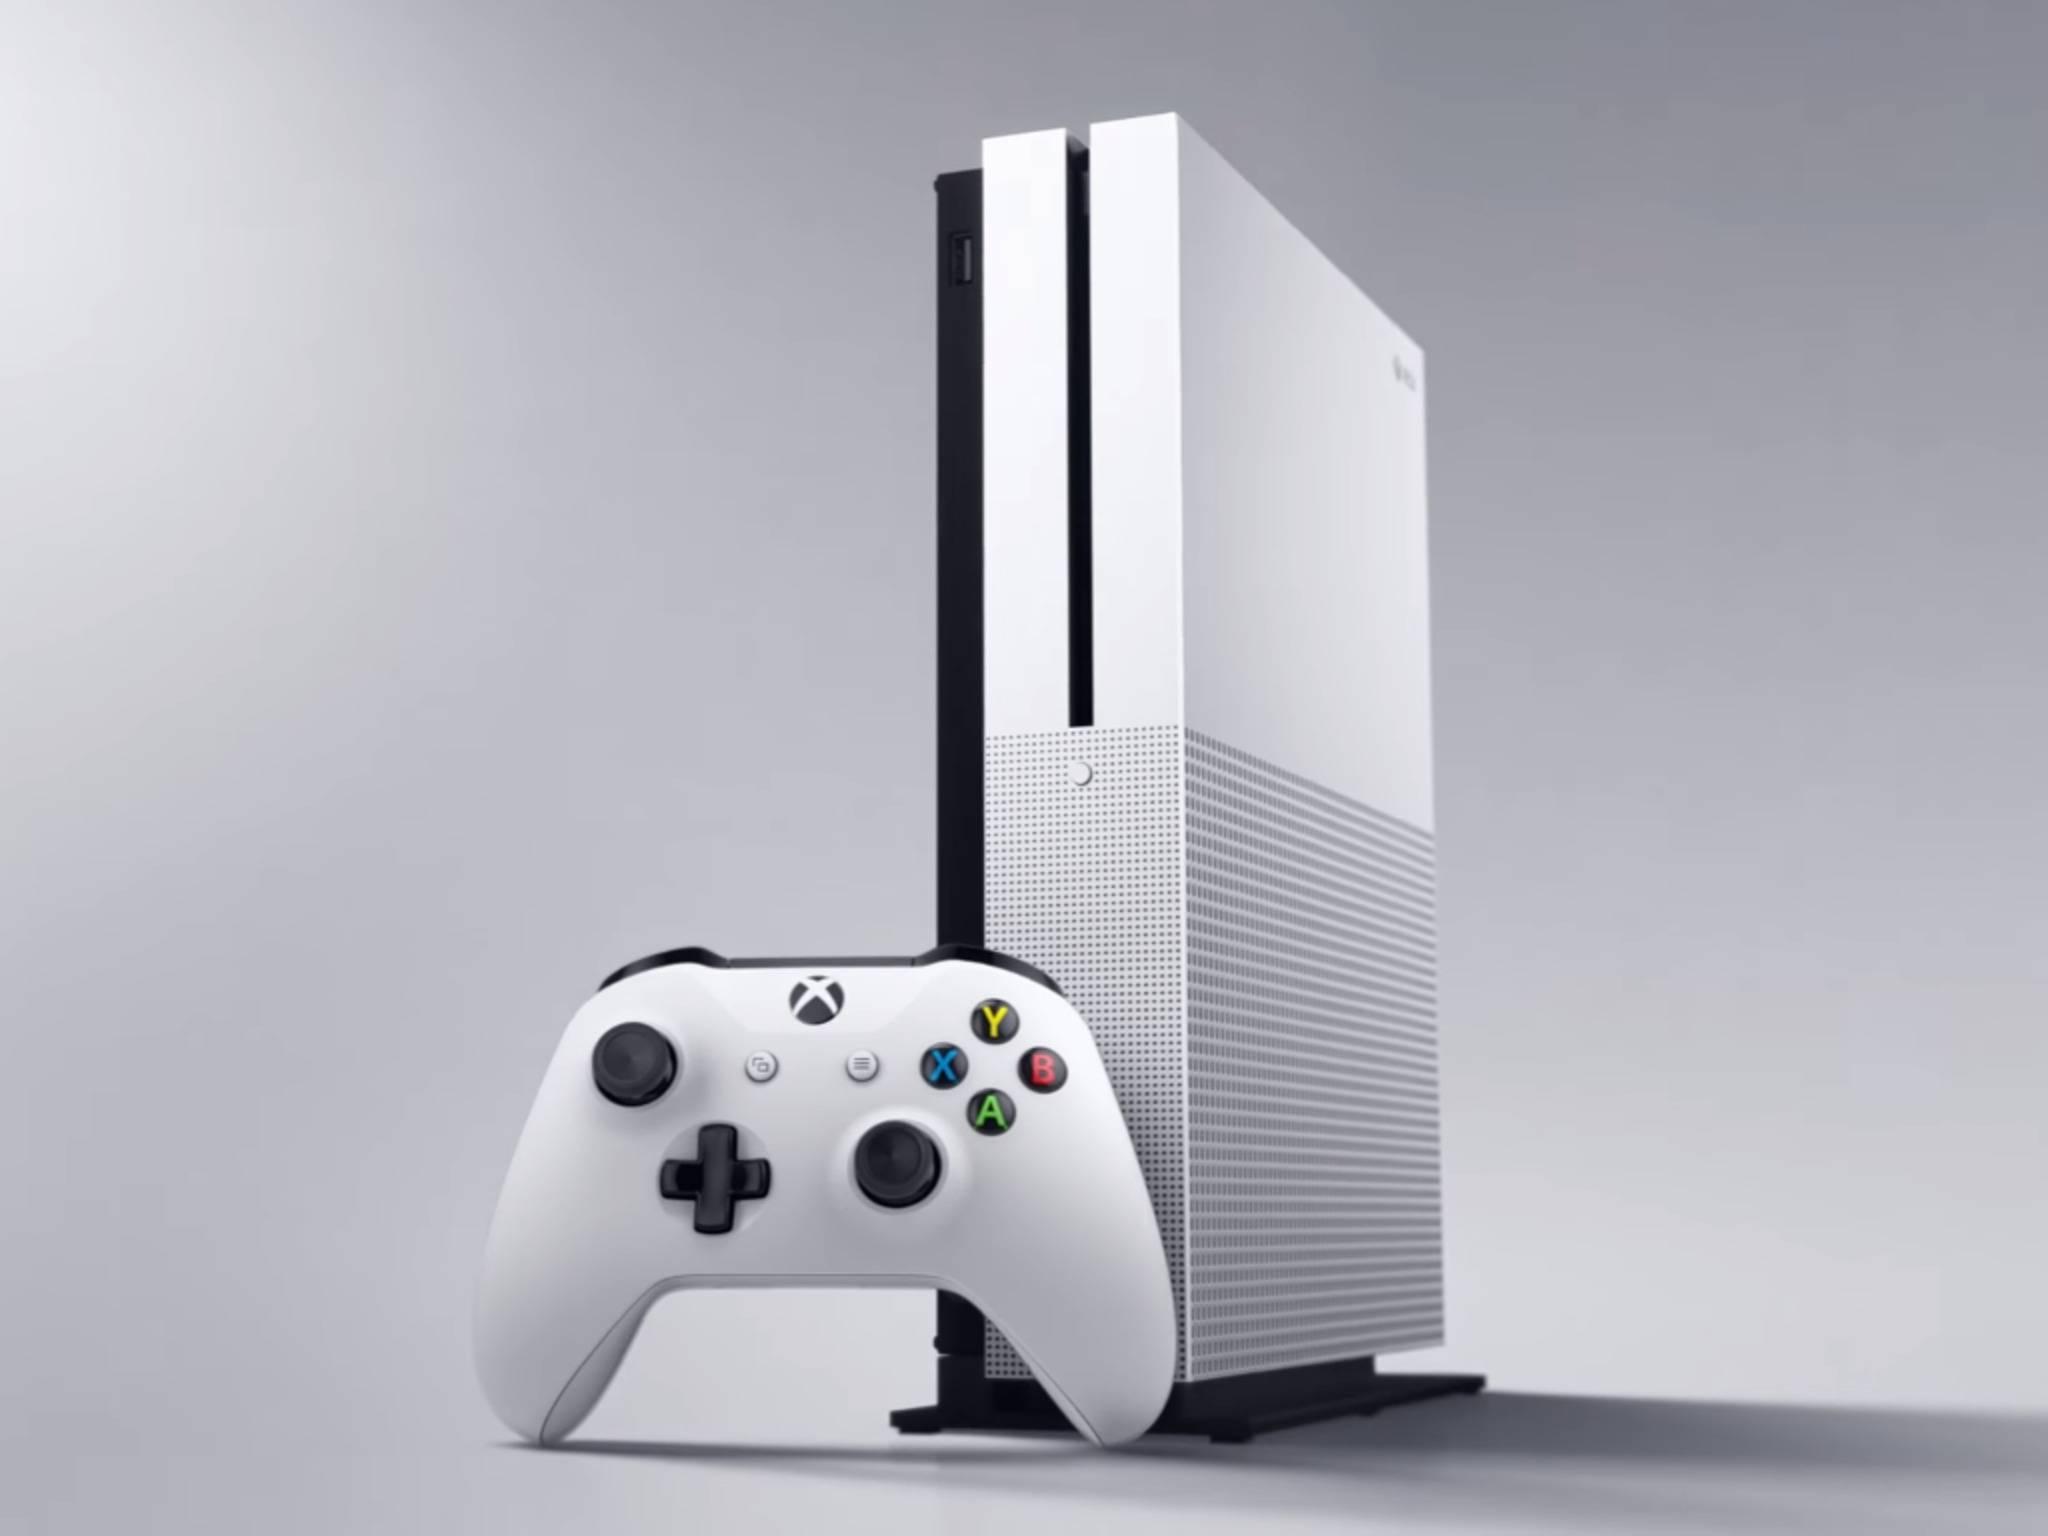 Muss sich hinten anstellen: Auch die kleinere Xbox One S ist der PS4 technisch unterlegen.